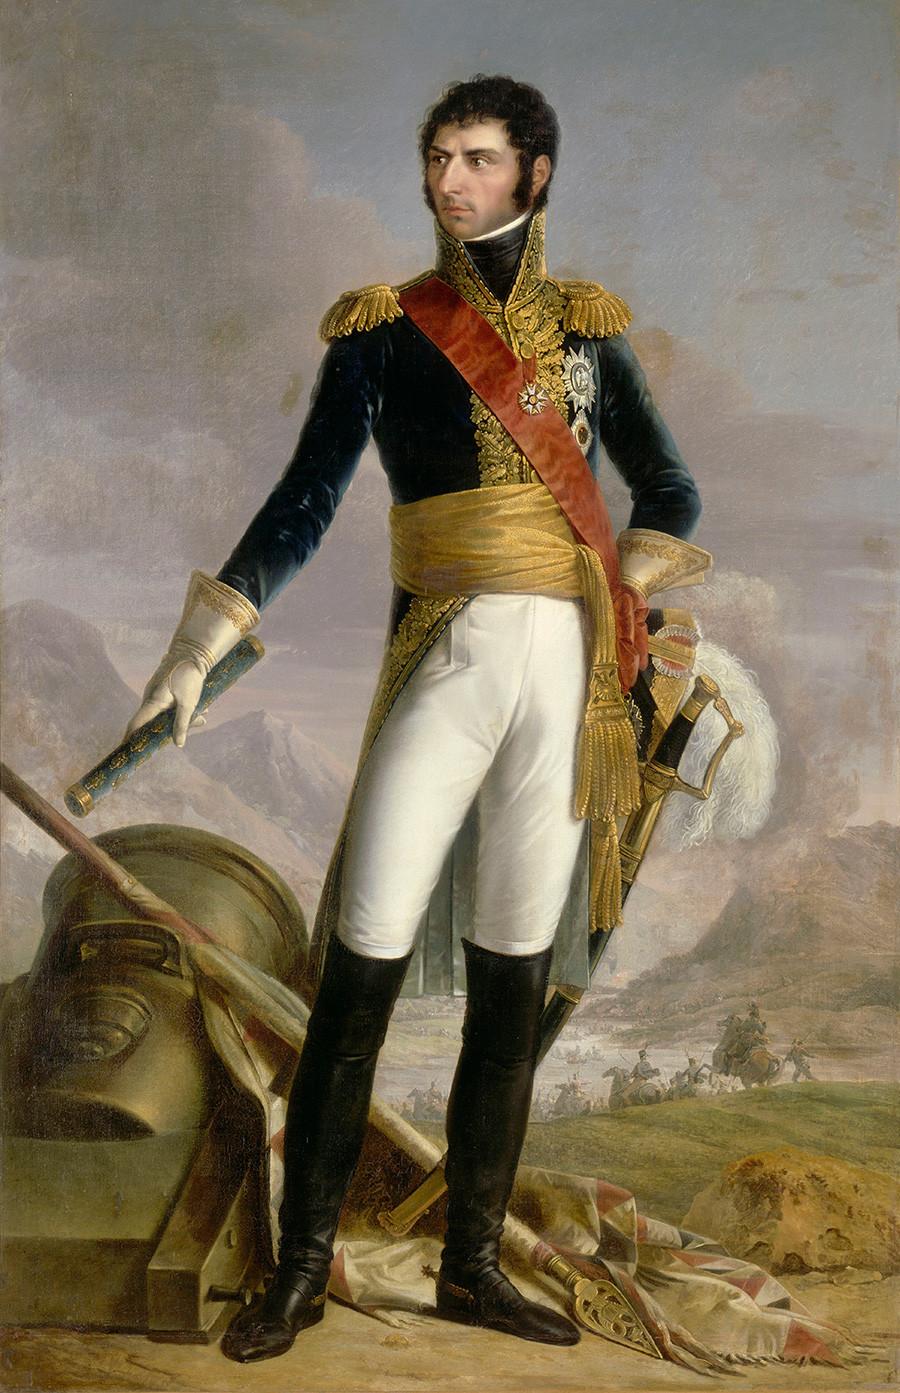 Жан Батист Бернадот, Карл XIV Јуан Шведски и Карл III Јохан Норвешки, маршал француски, 1818година според сликата на Франсоа Кинсон.